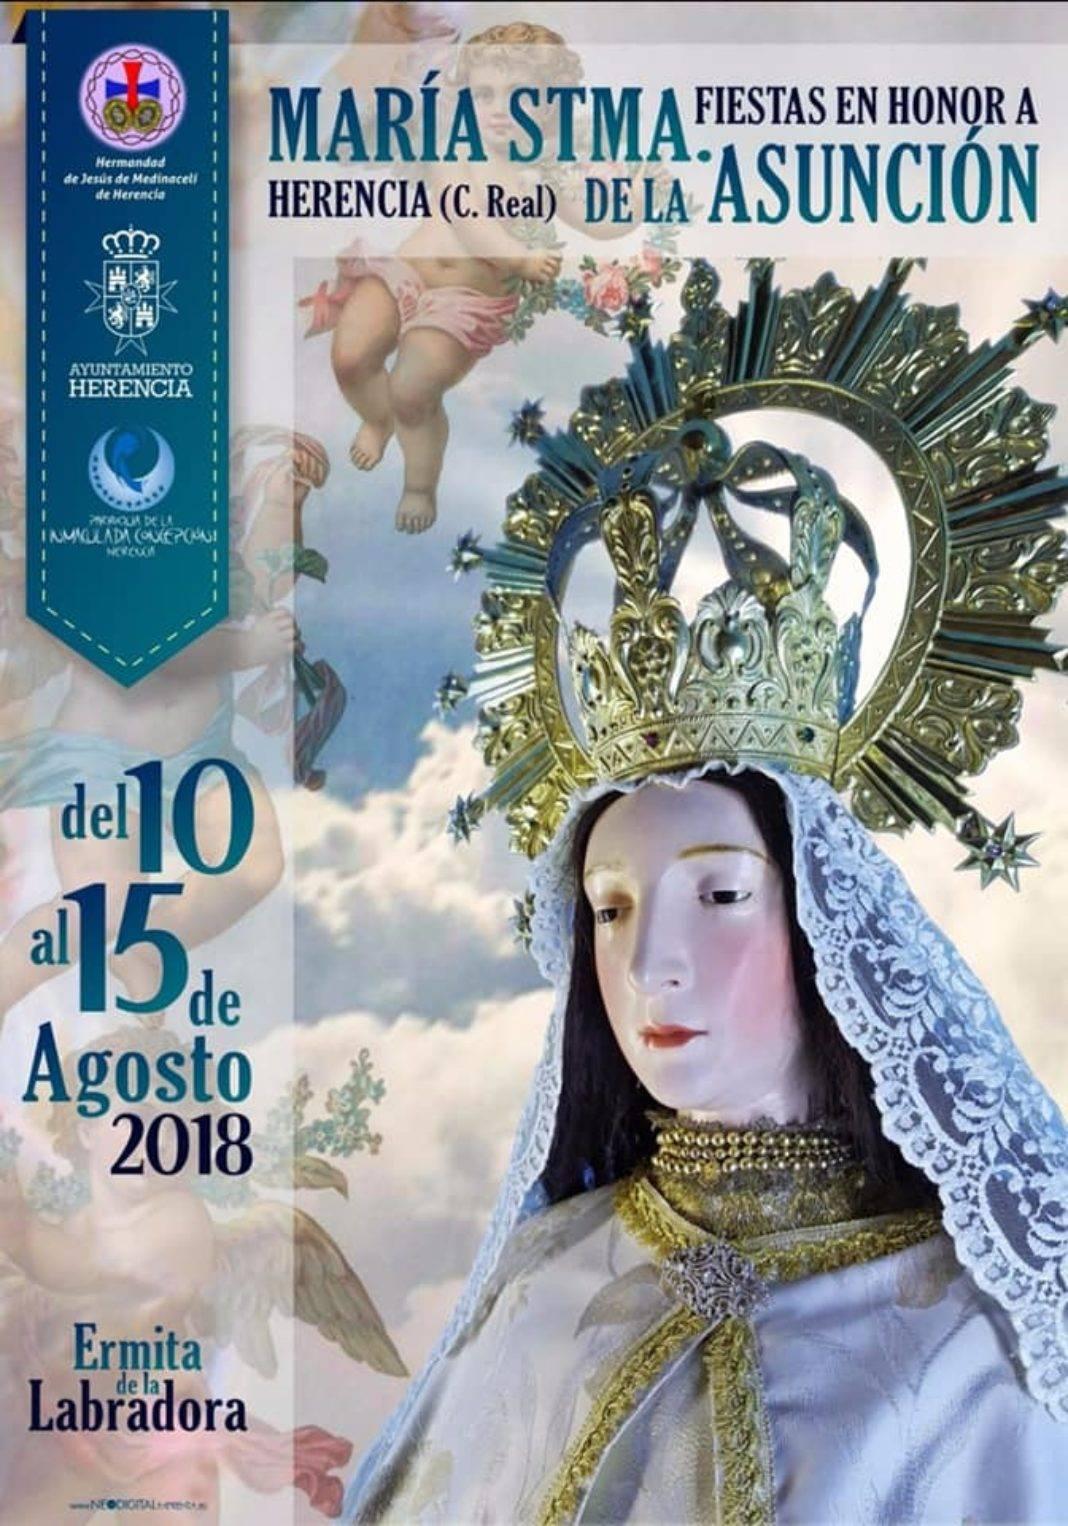 Cartel Virneg de la Labradora o Maria Santísima de la Asunción de Herencia 1068x1526 - Programa de actos para las fiestas del barrio de La Labradora